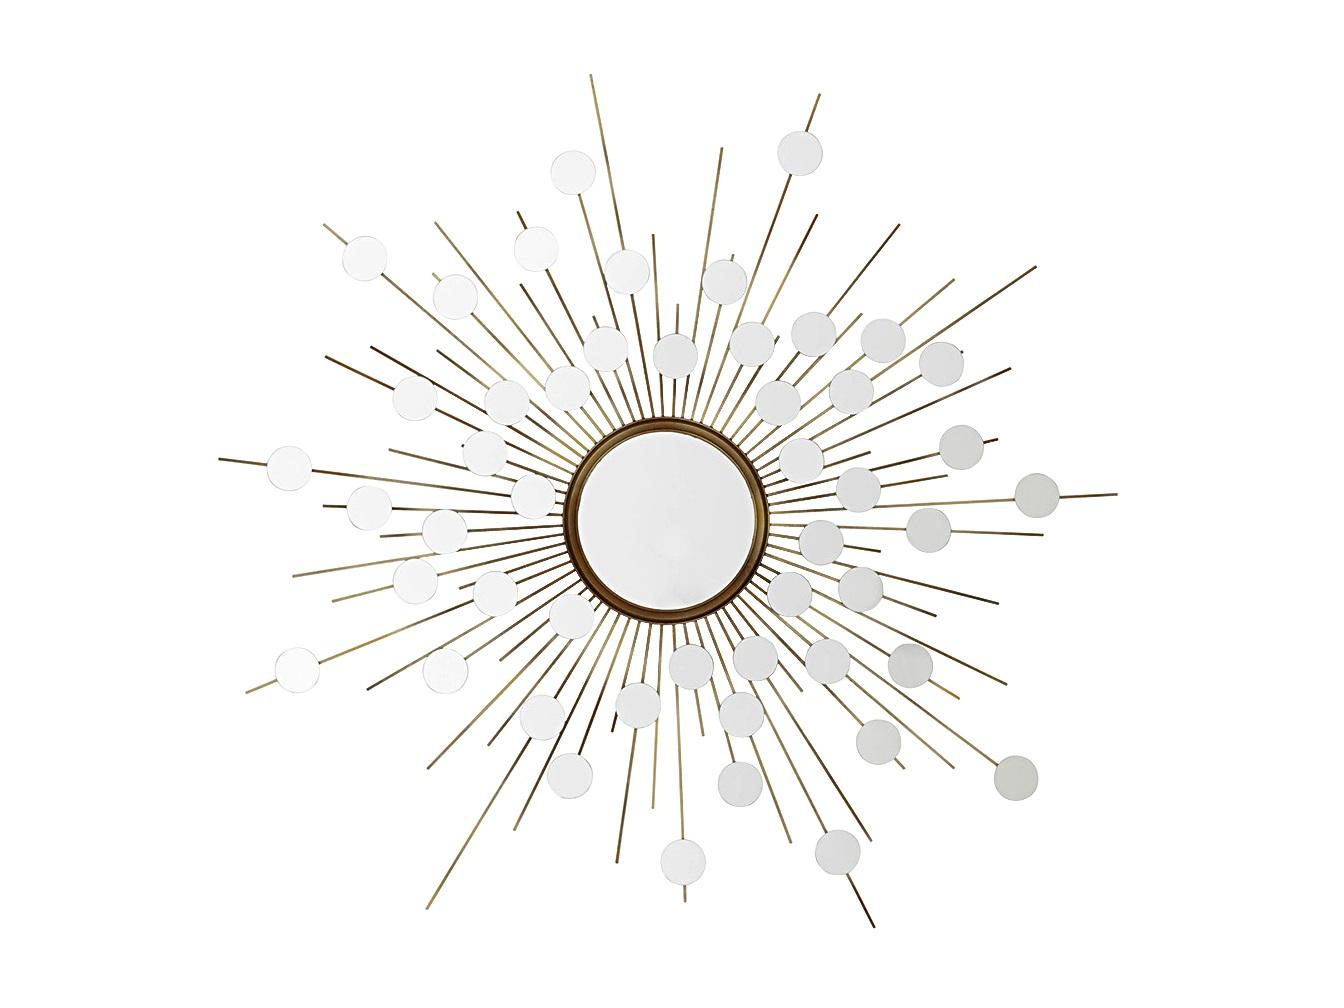 ЗеркалоНастенные зеркала<br>Зеркало Mirror Reflections в металлической раме золотого цвета с оригинальным дизайном в виде солнца.<br><br>Material: Металл<br>Ширина см: 155.0<br>Высота см: 155.0